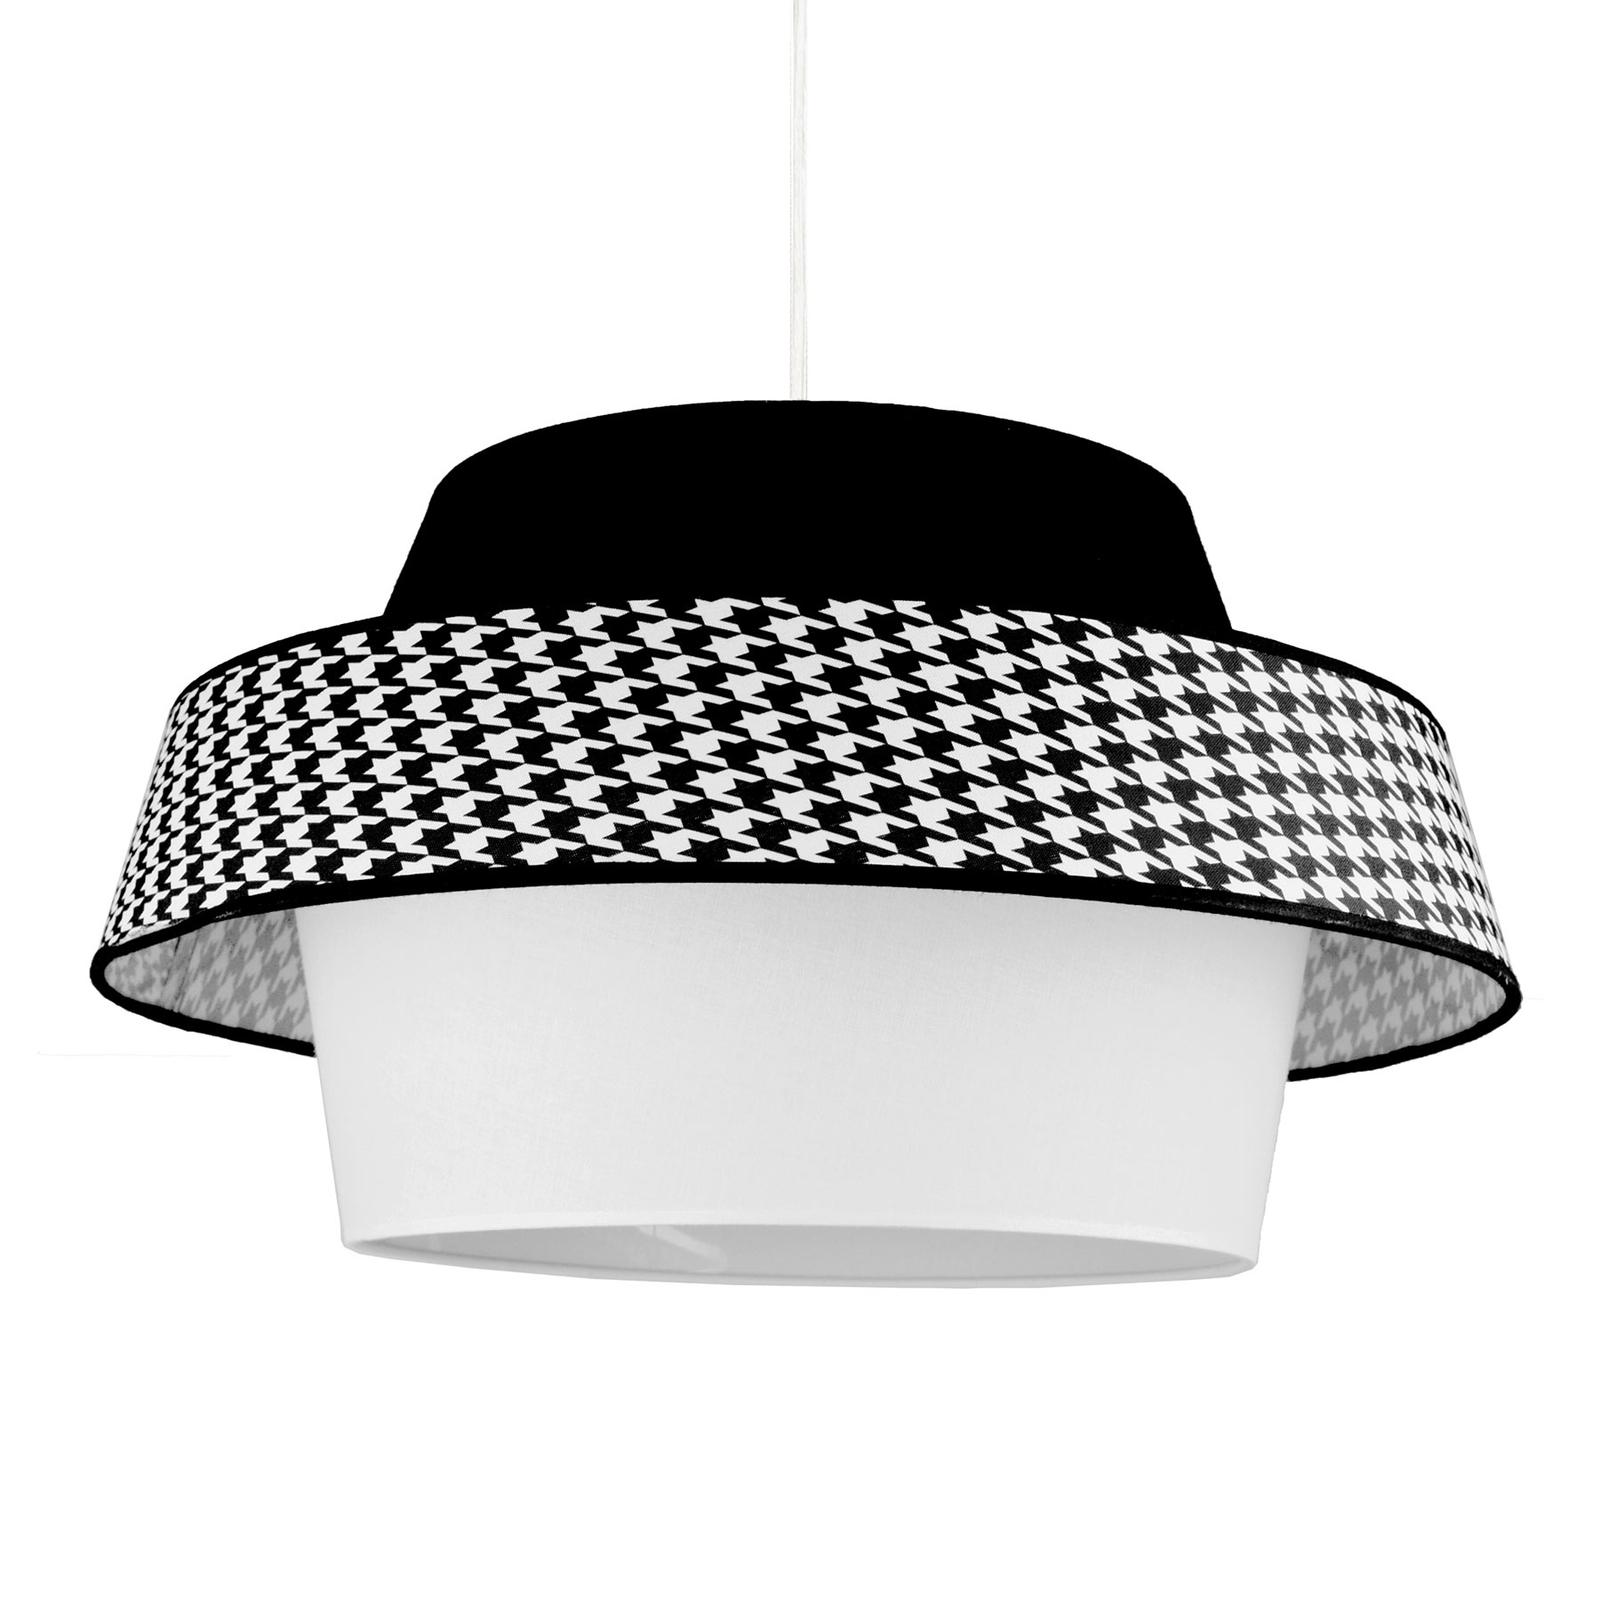 Hanglamp Andromeda, wit/zwart/pepita-patroon